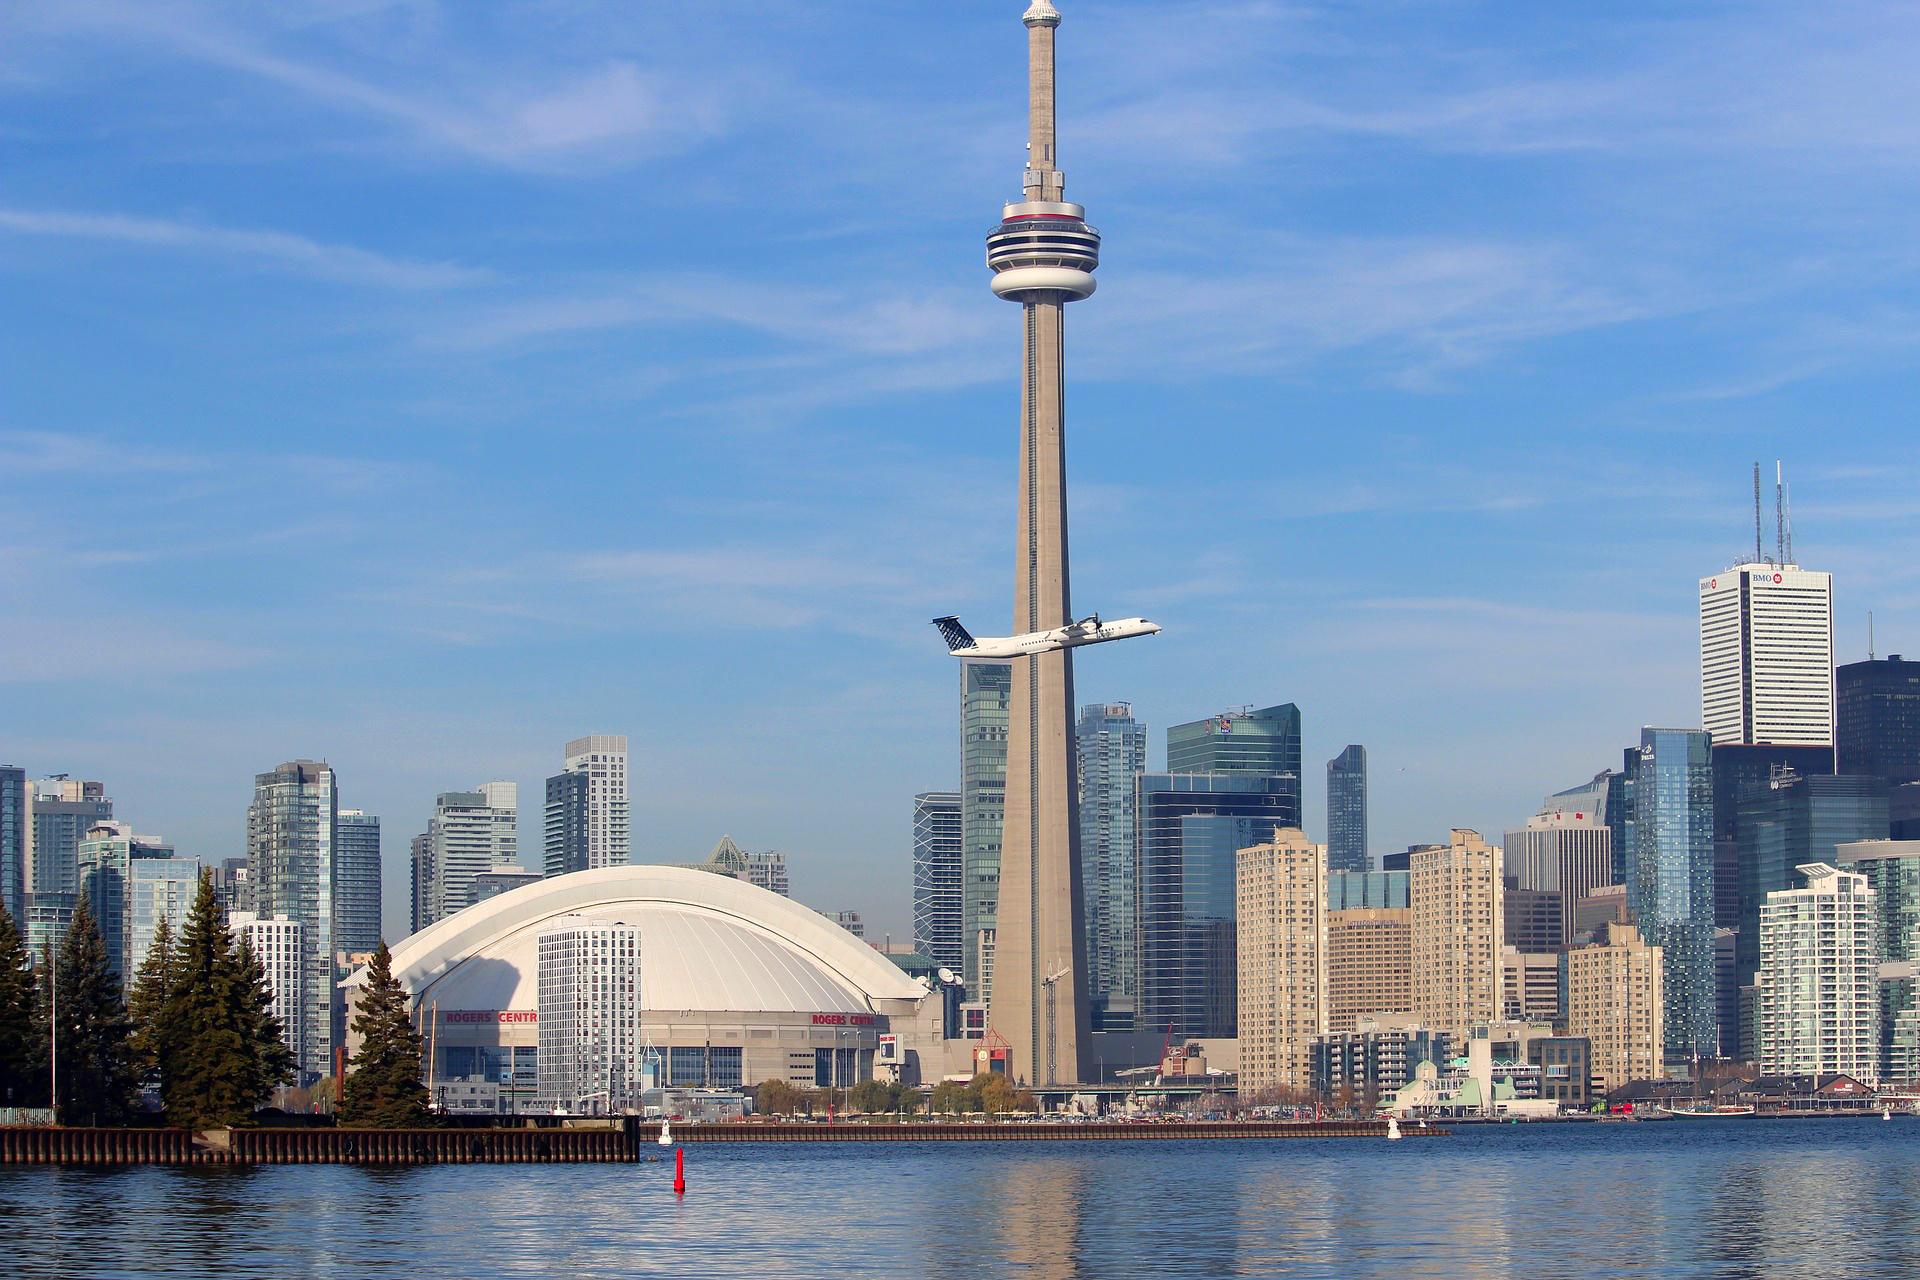 Guía de viajes a Canada, Visa a Canadá, Visado a Canadá canadá - 32315072706 60bb10a87c o - Guía de viajes y visa para Canadá